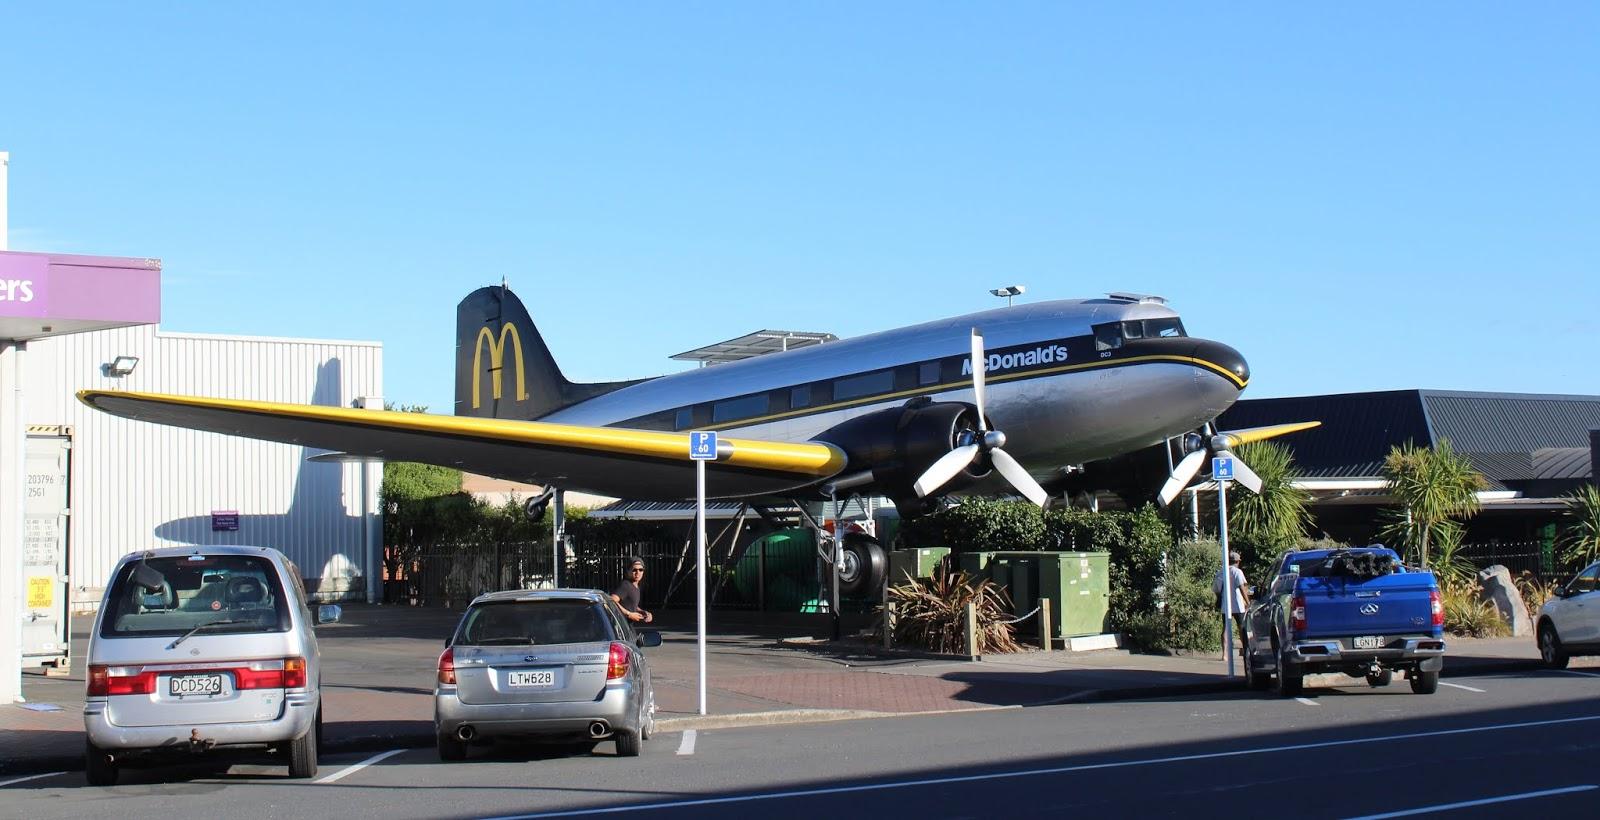 Abrieron un McDonald's en un avión fuera de servicio en Nueva Zelanda (2)